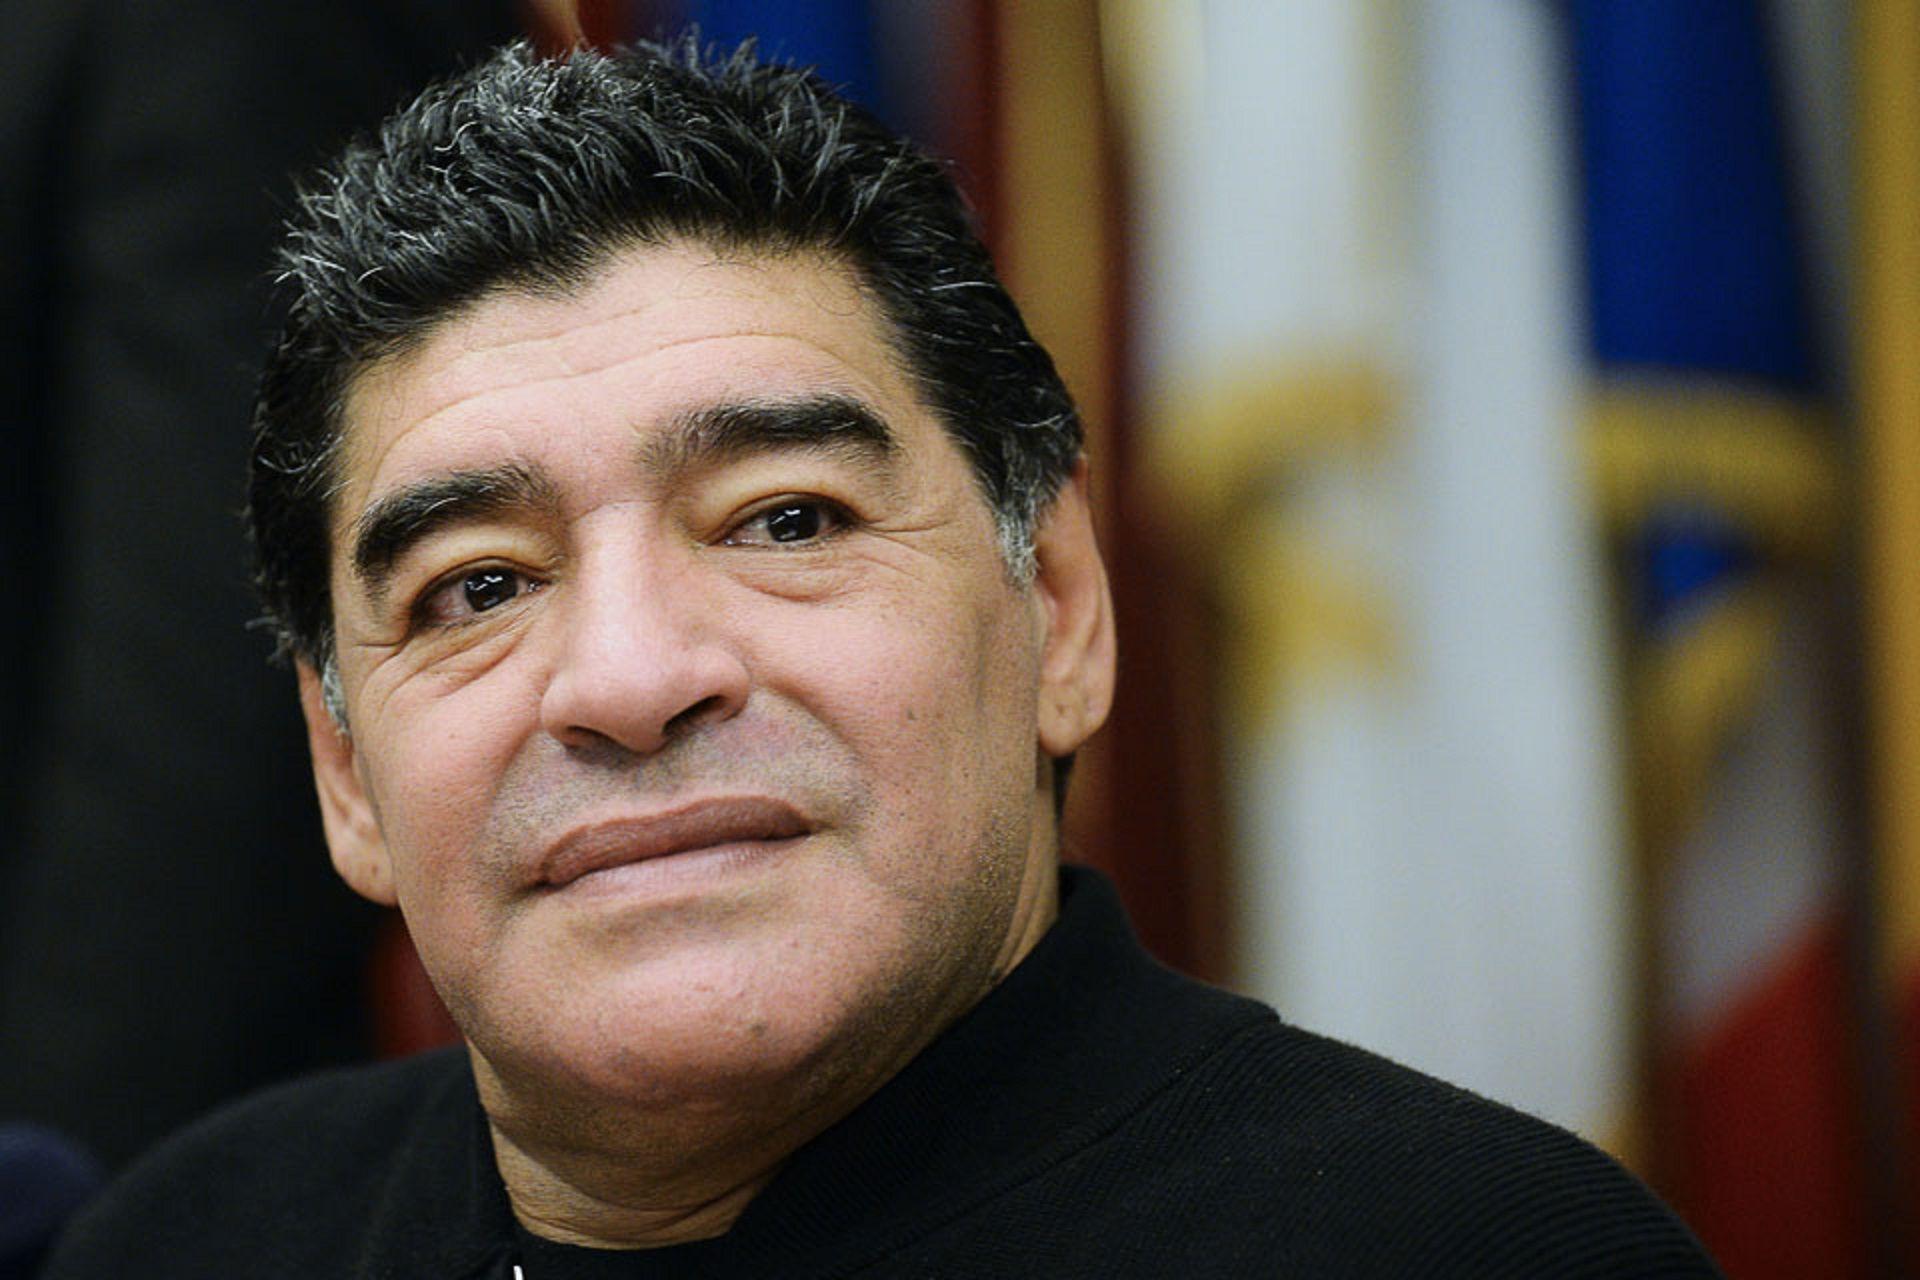 El nuevo contrato millonario de Diego Maradona en Emiratos Árabes